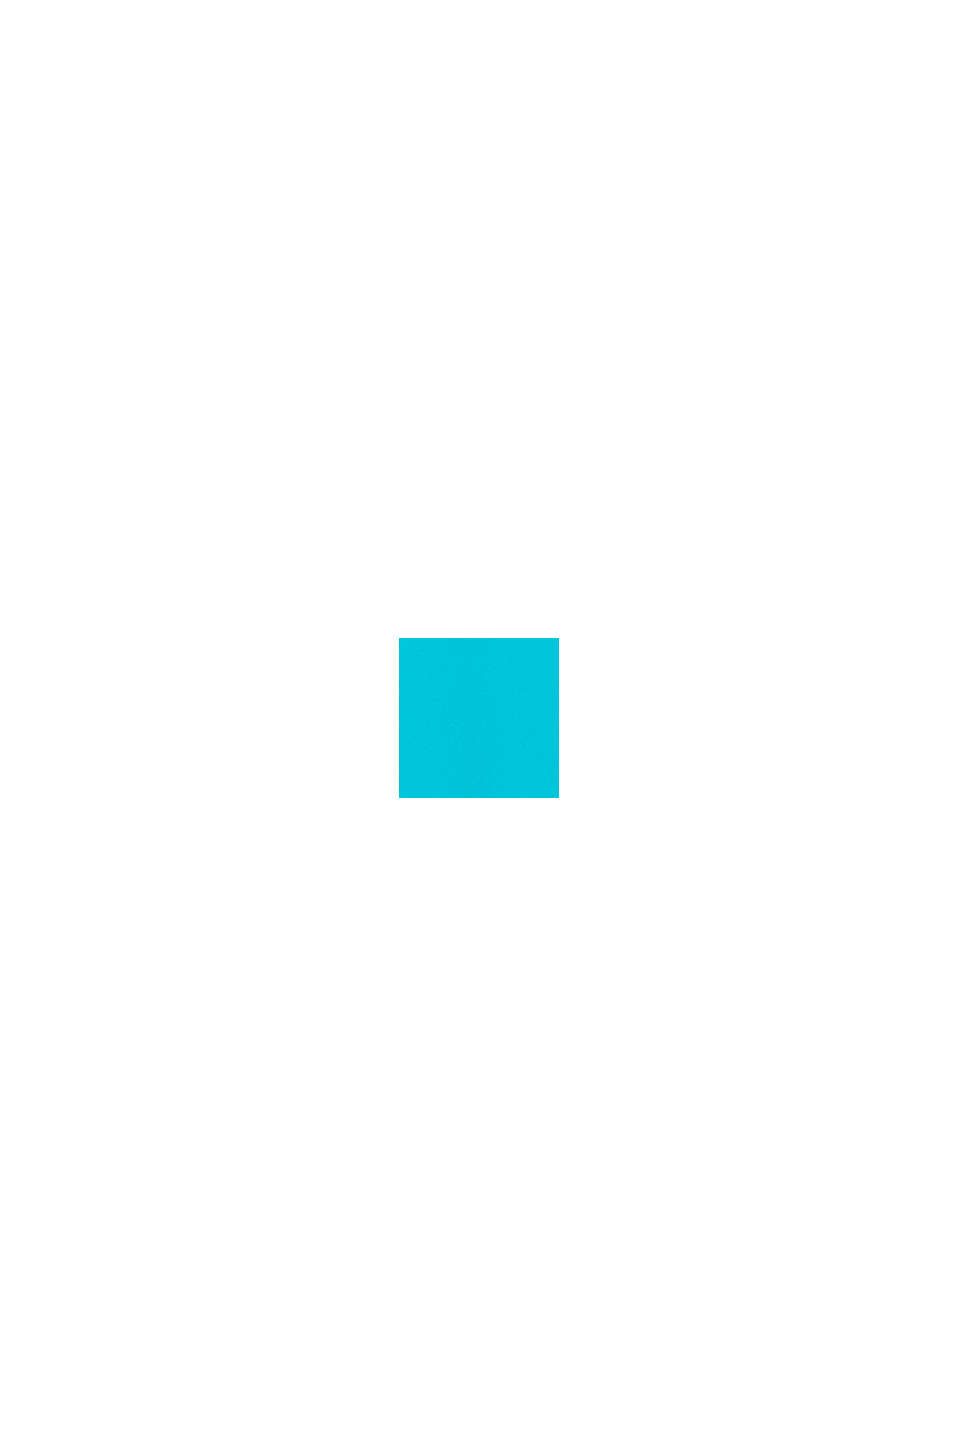 Plavky s barevnými bloky, TURQUOISE, swatch